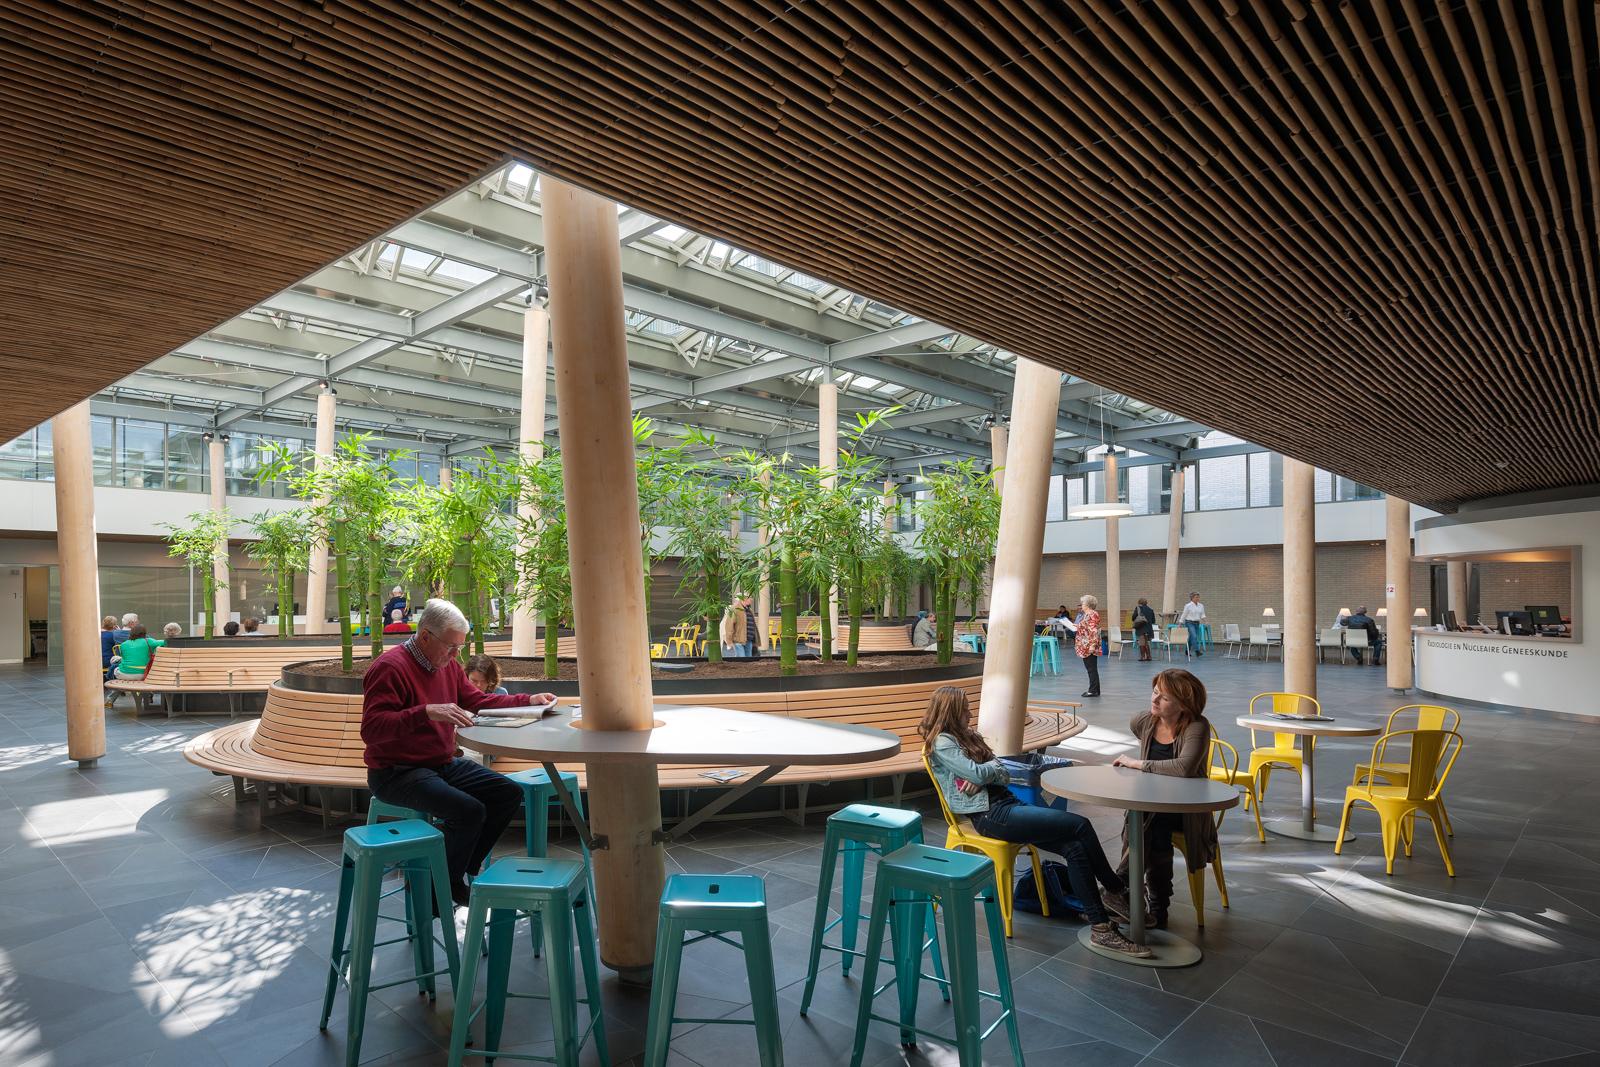 Amersfoort meander ziekenhuis architect atelier pro for Interieur amersfoort